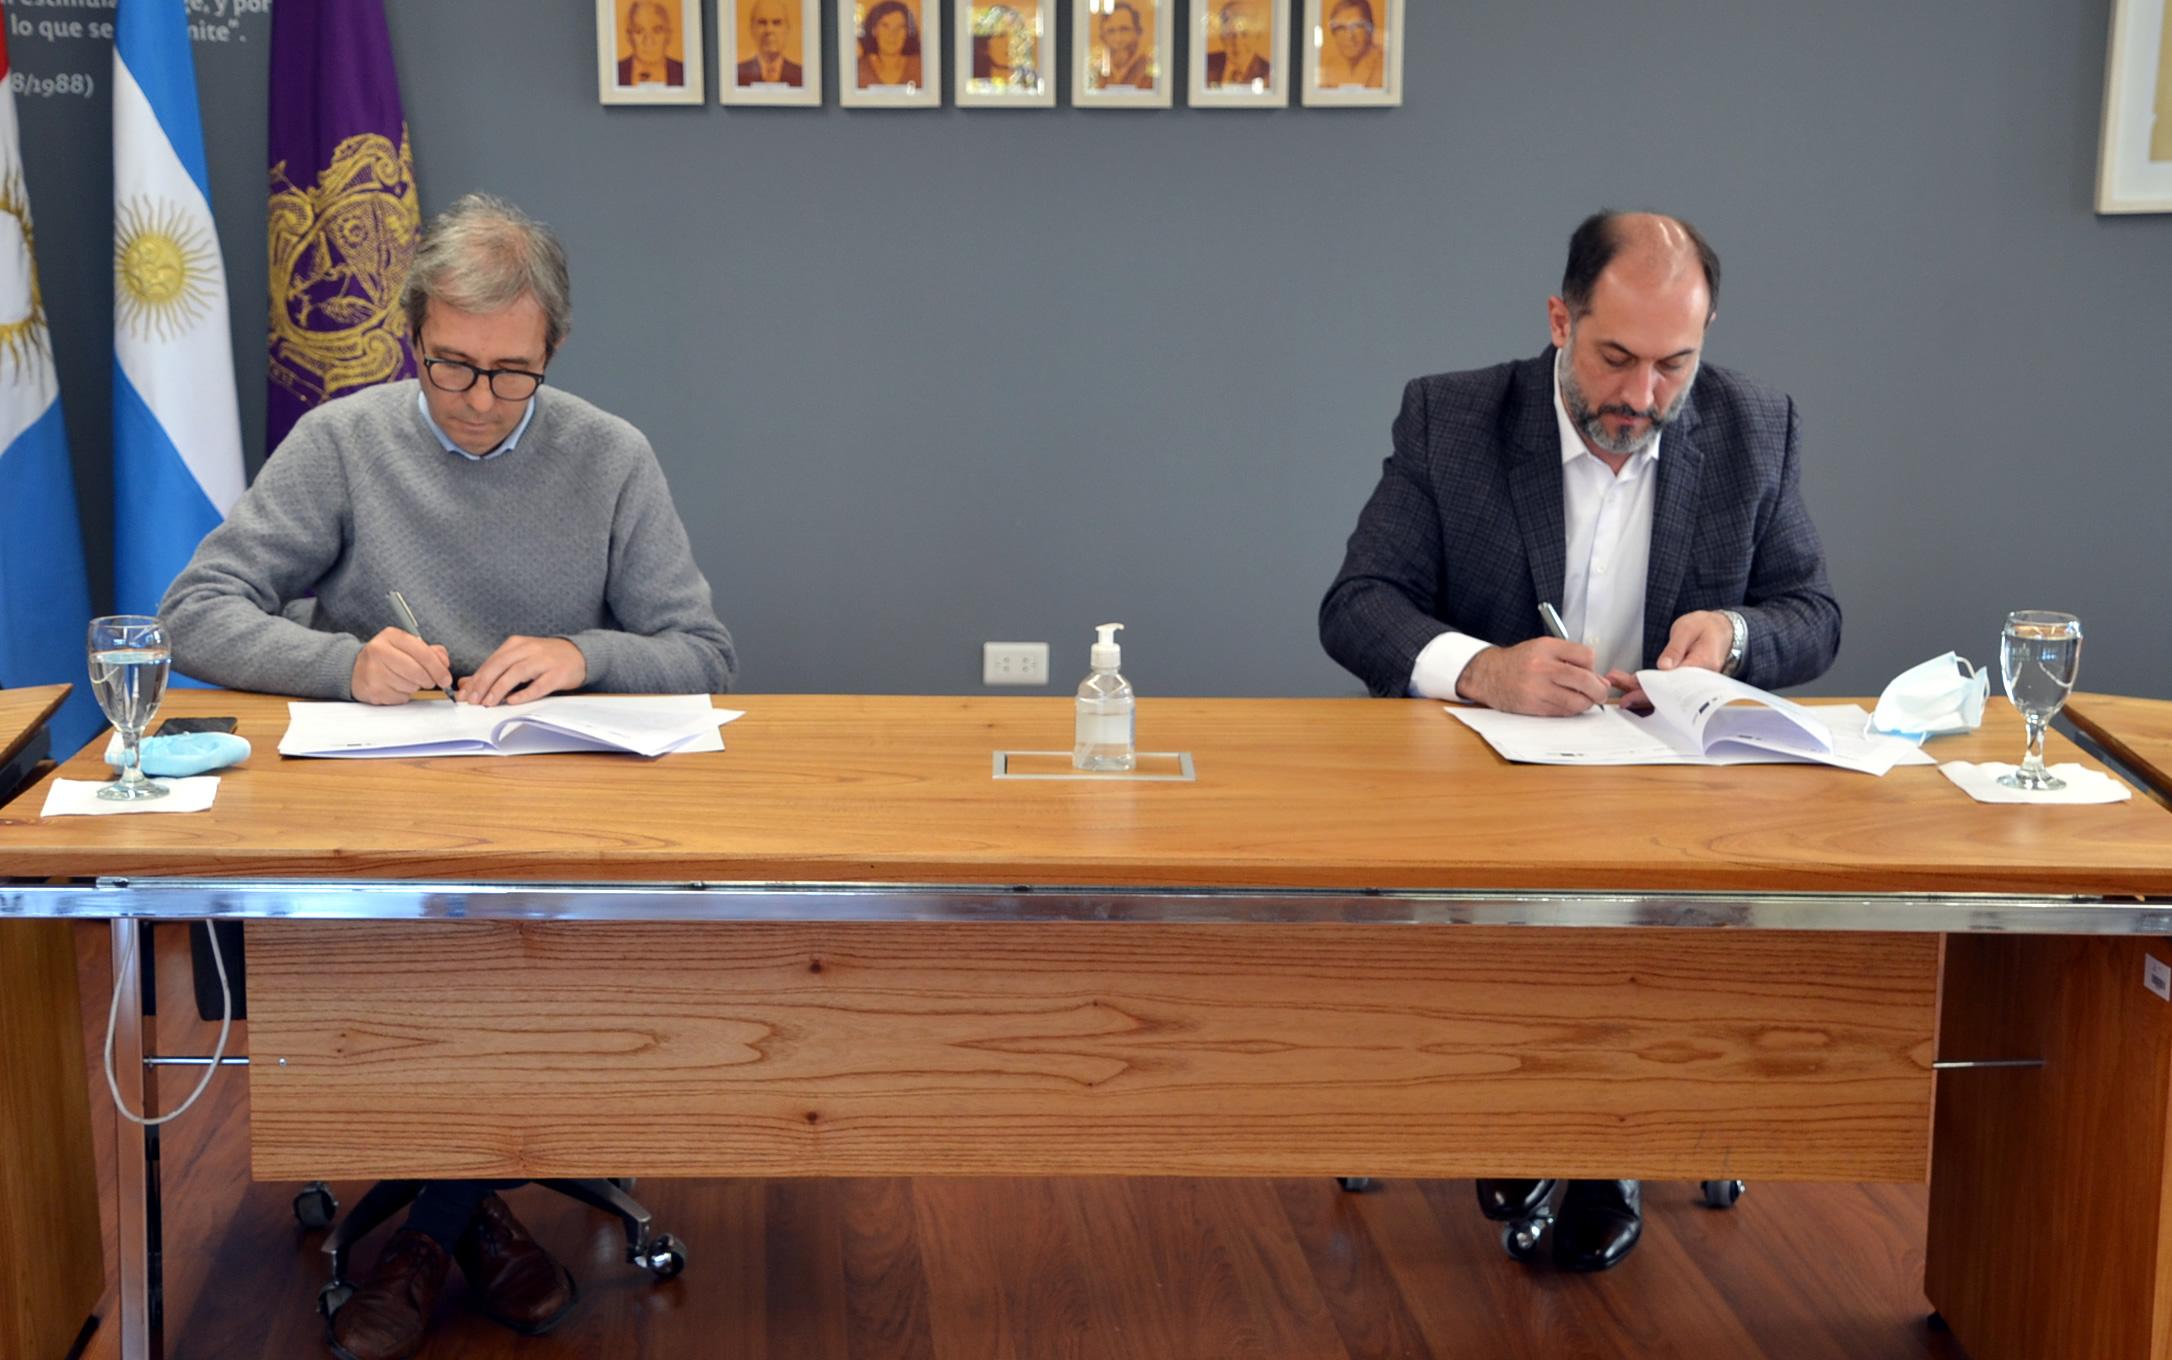 Jhon Boretto y Guillermo Acosta sentados firmando papeles sobre una mesa donde hay alcohol en gel, dos copas con agua, y sus respectivos barbijos, y detrás están las banderas de Argentina, la Provincia de Córdoba y la Universidad Nacional de Córdoba